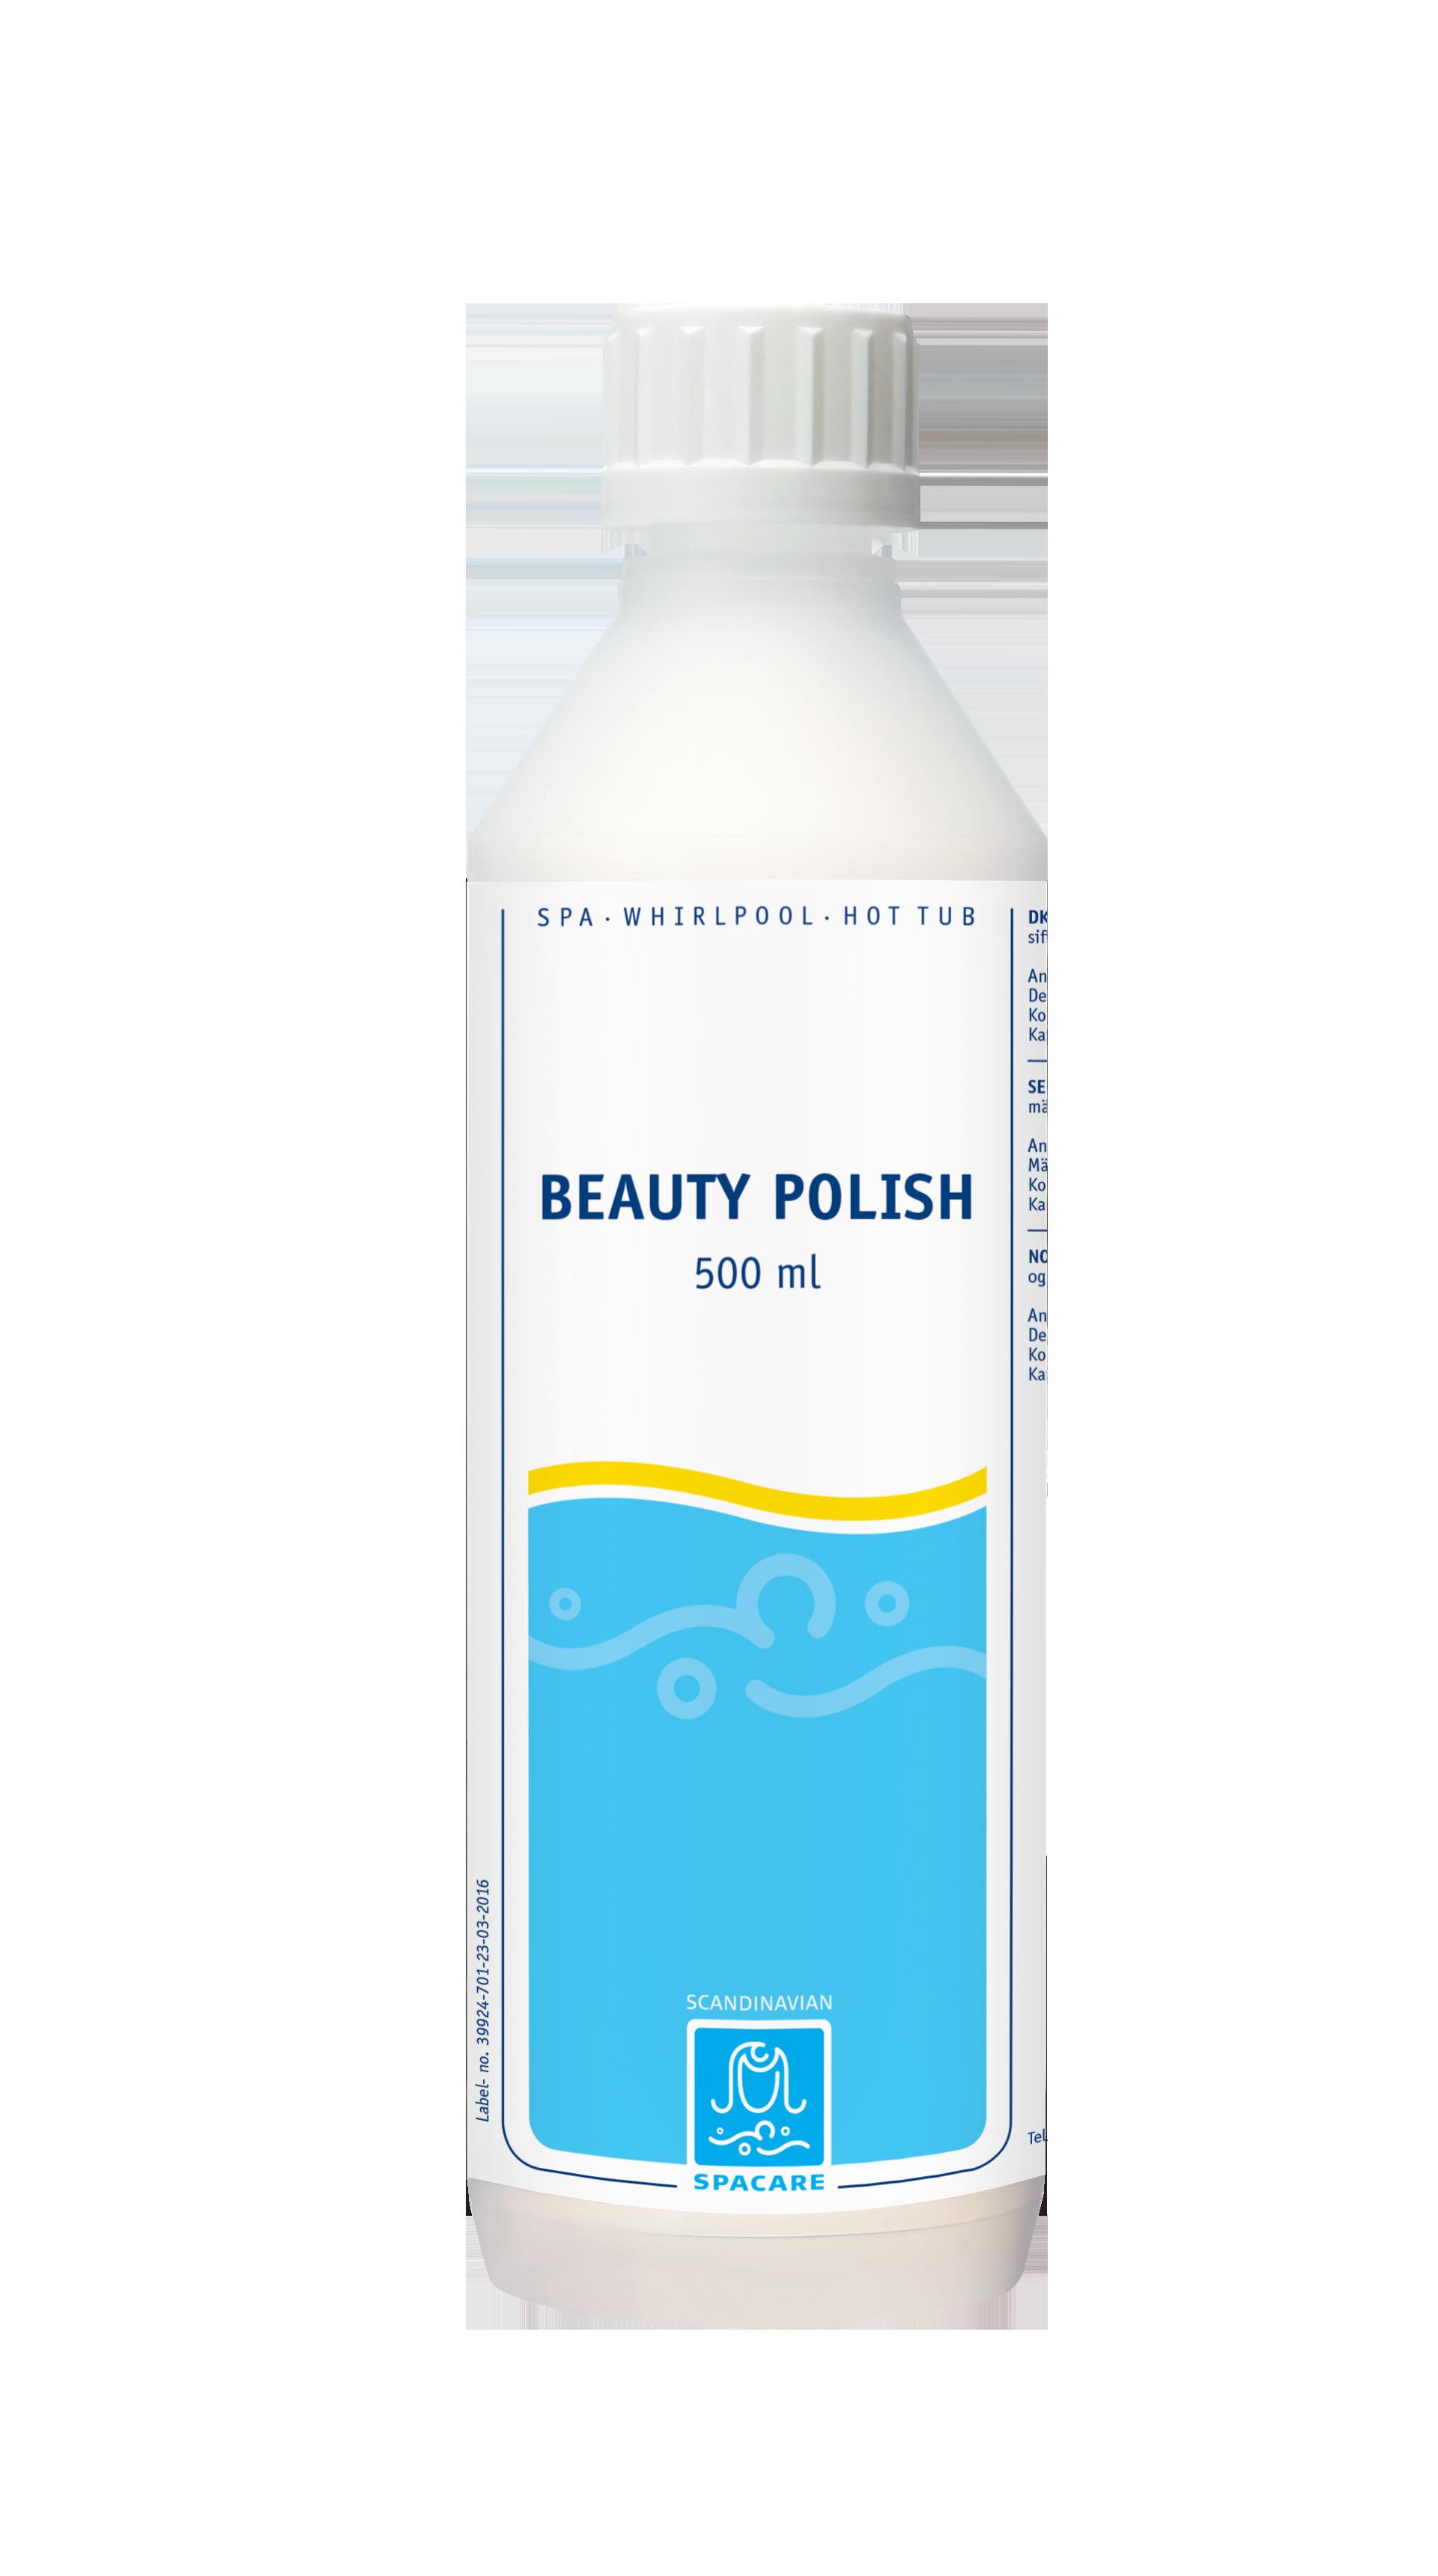 SpaCare Beauty Polish